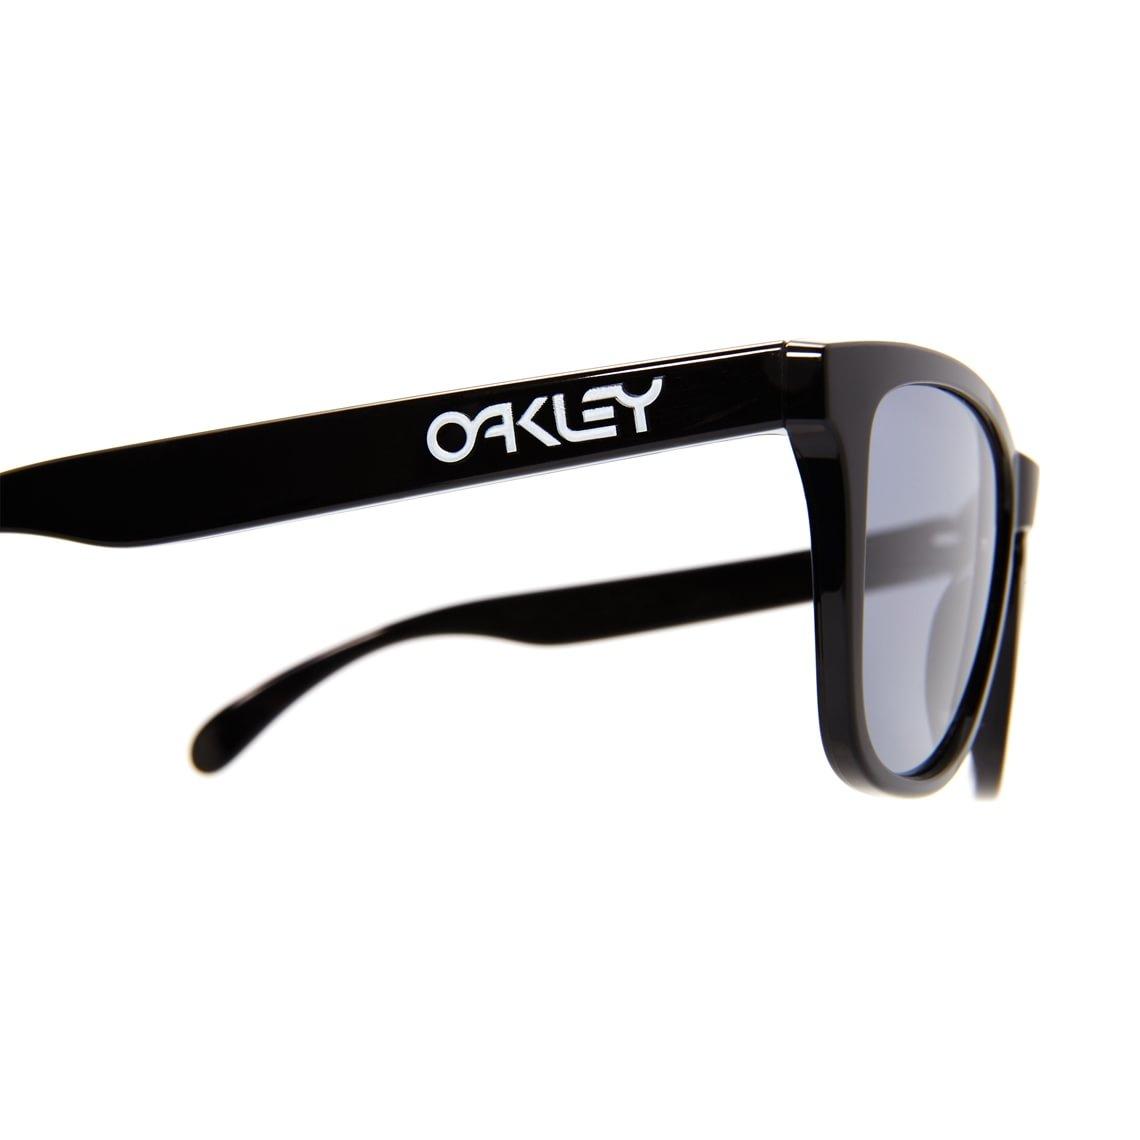 Oakley Frogskins OO9013 24 306 5517